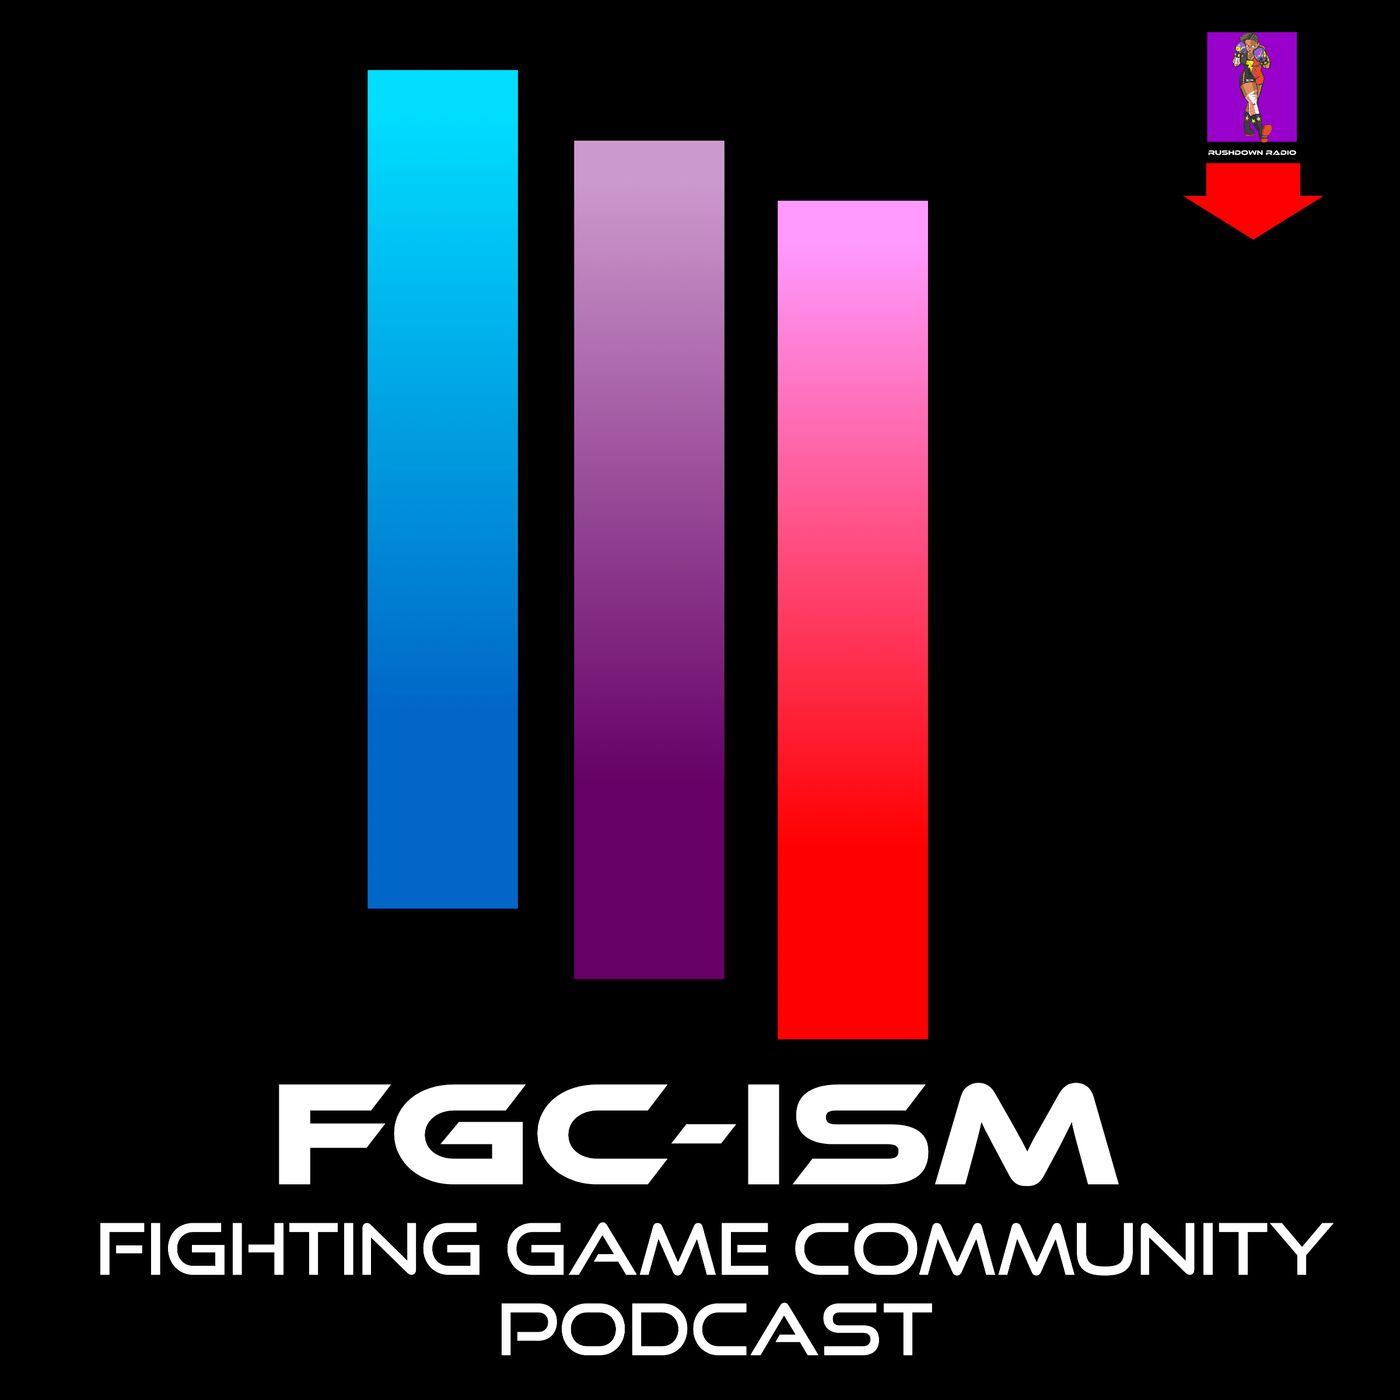 FGCism: Trigger Warning - Full Animation